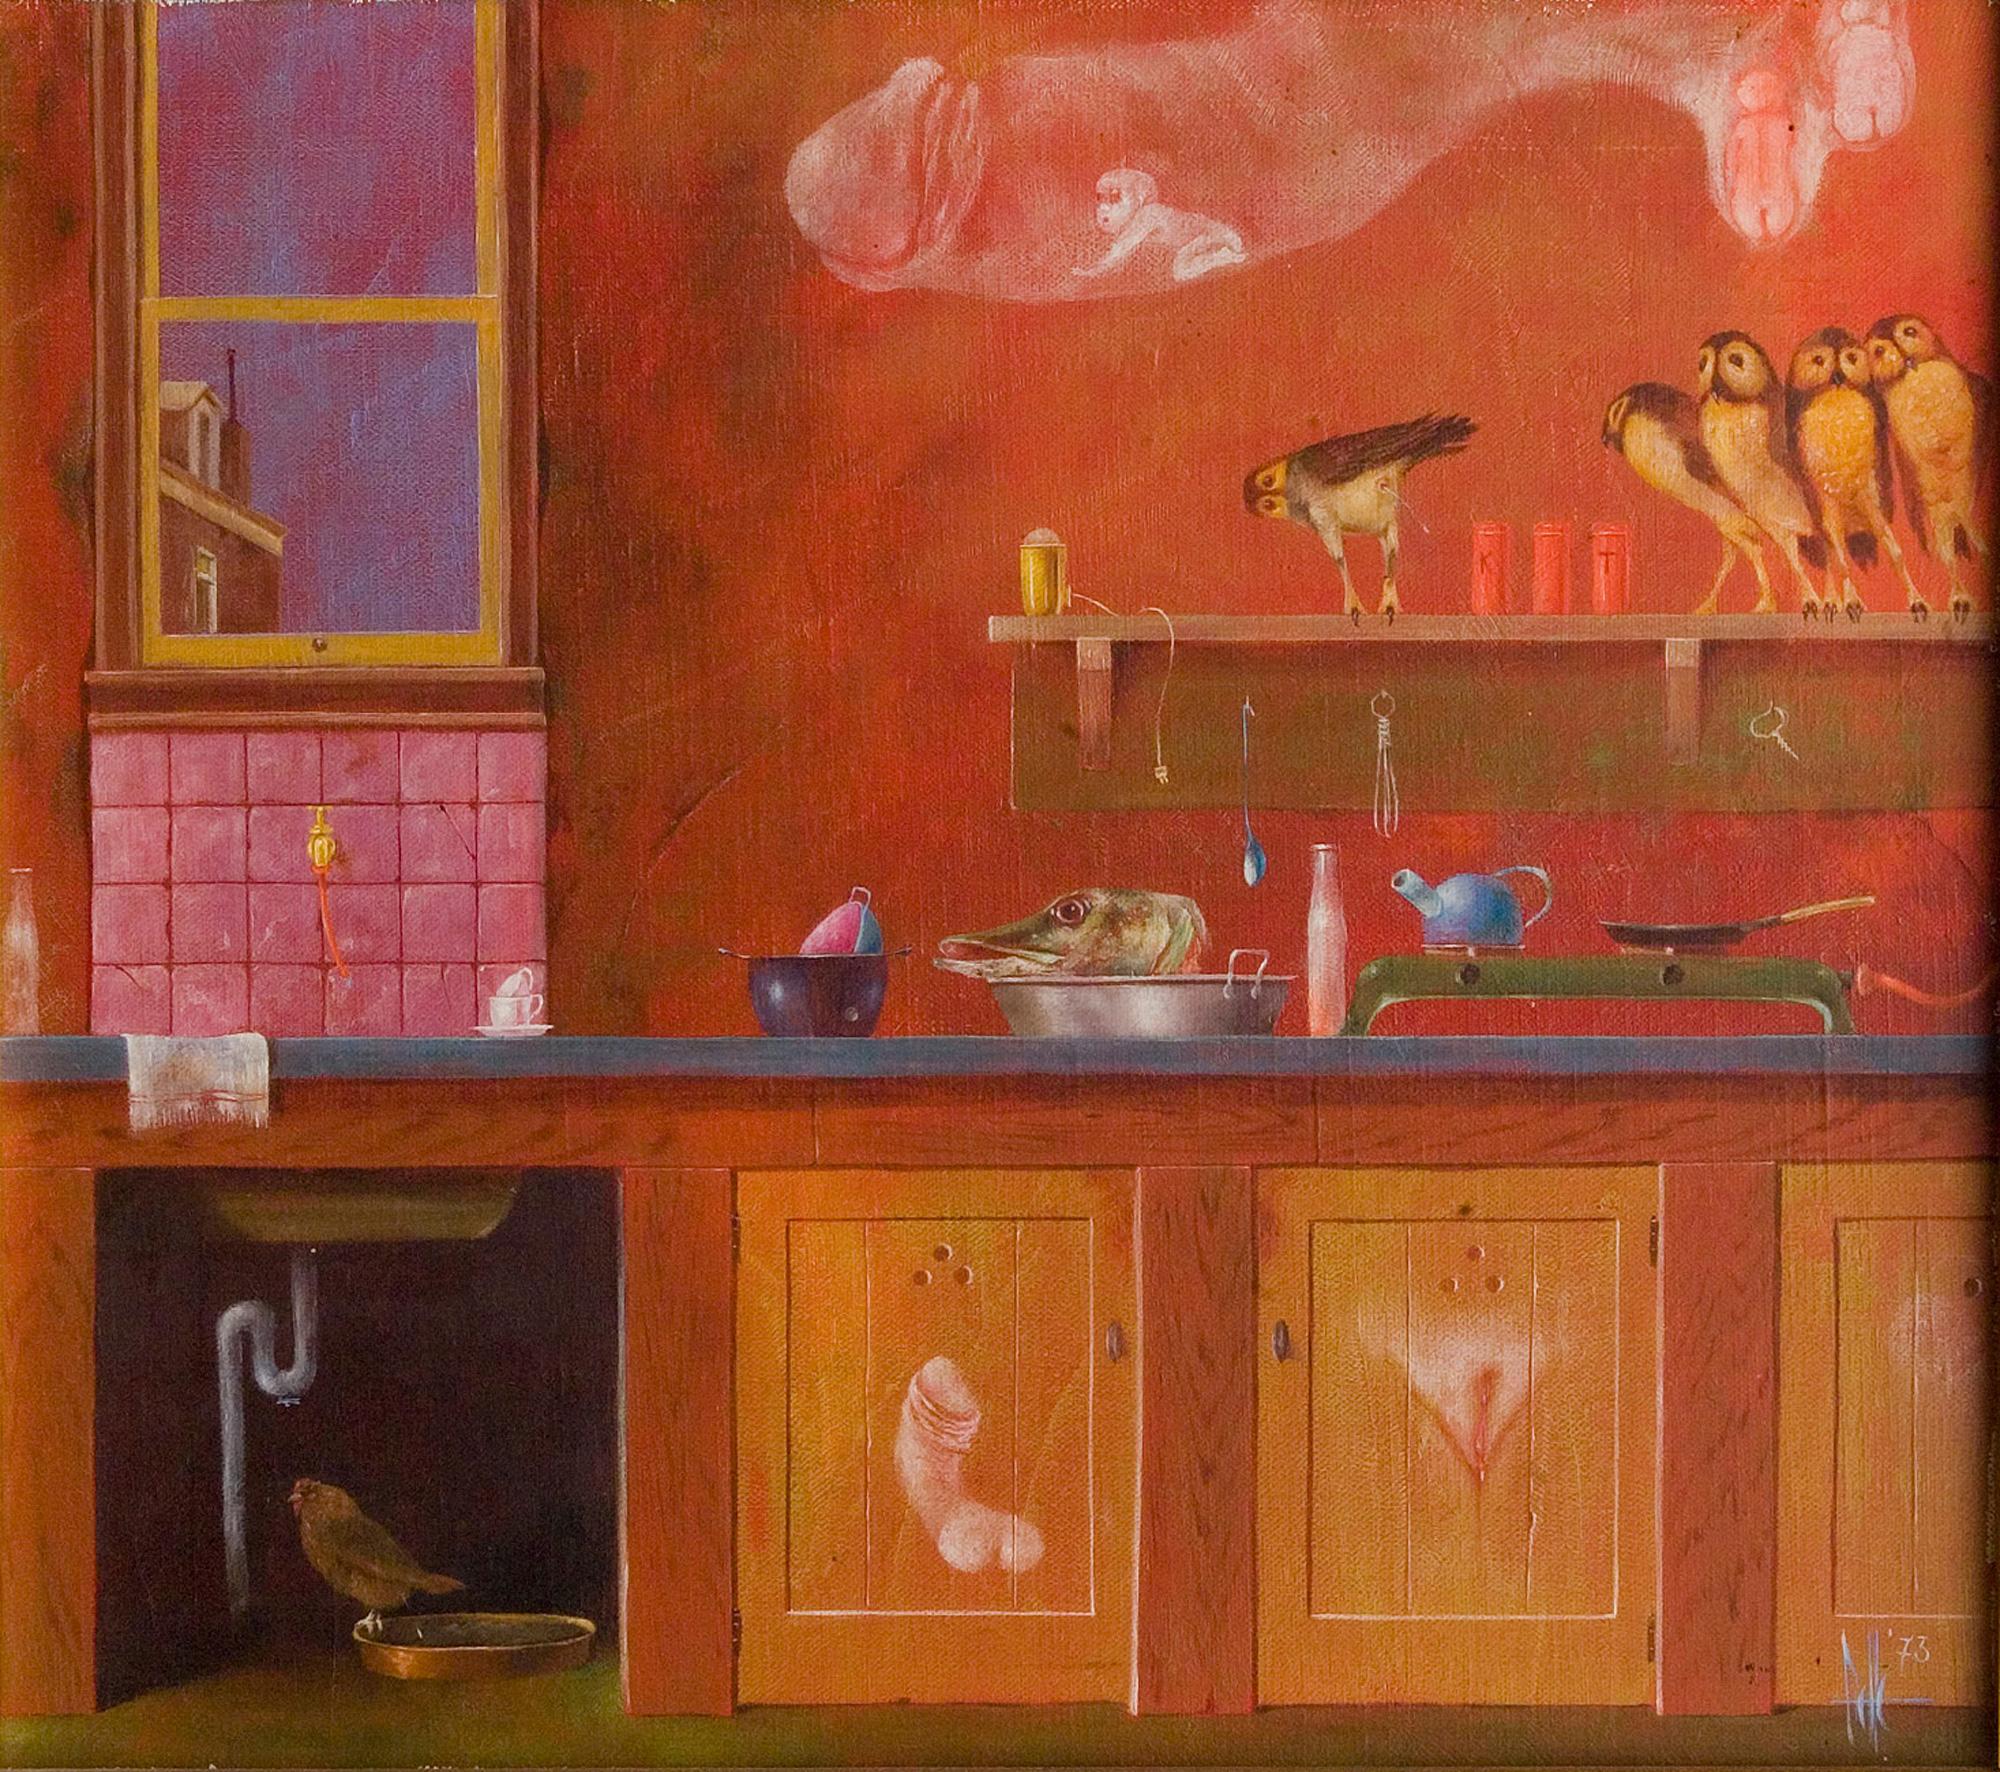 Melle schilder | Keukentje II, olieverf op linnen